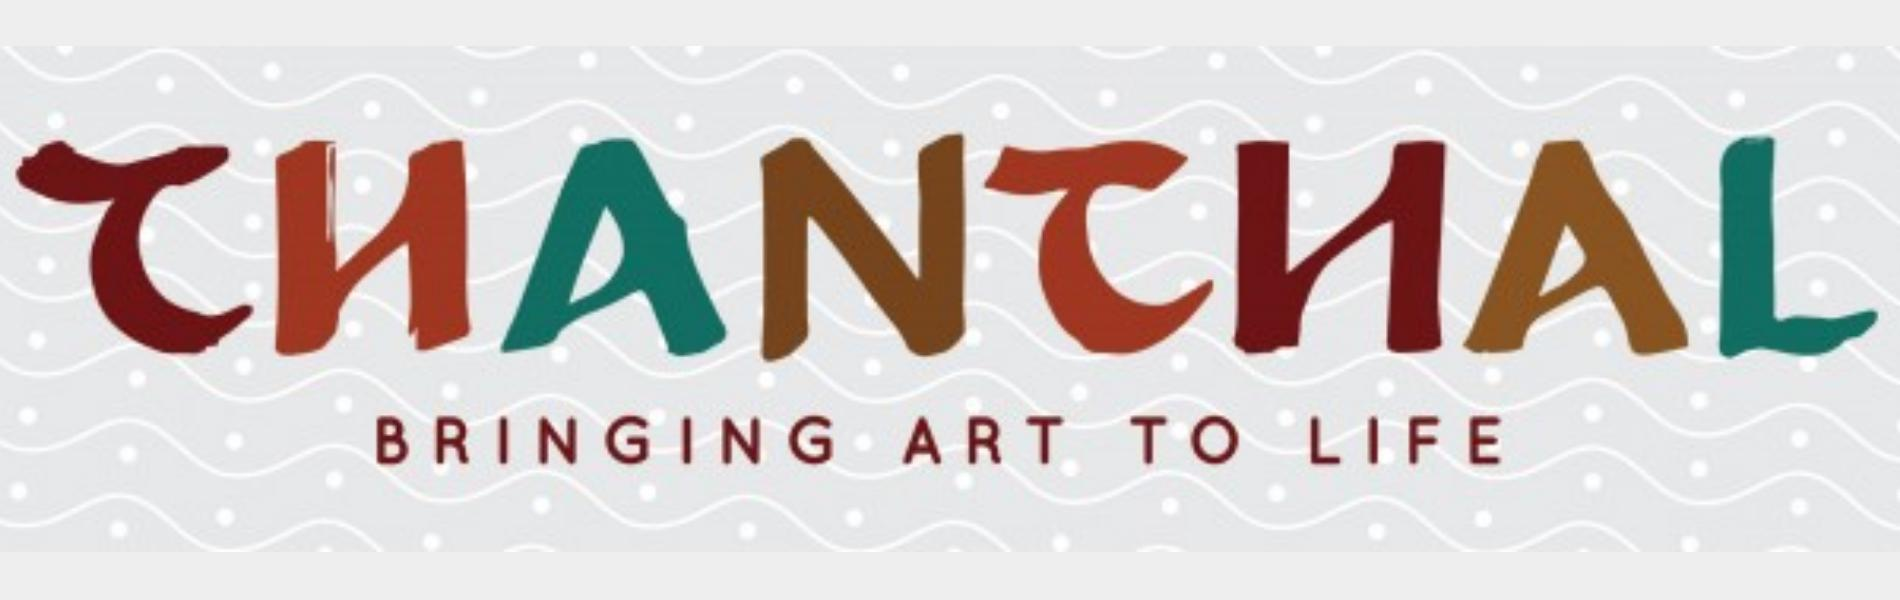 Chanchal - Bringing Art to Life